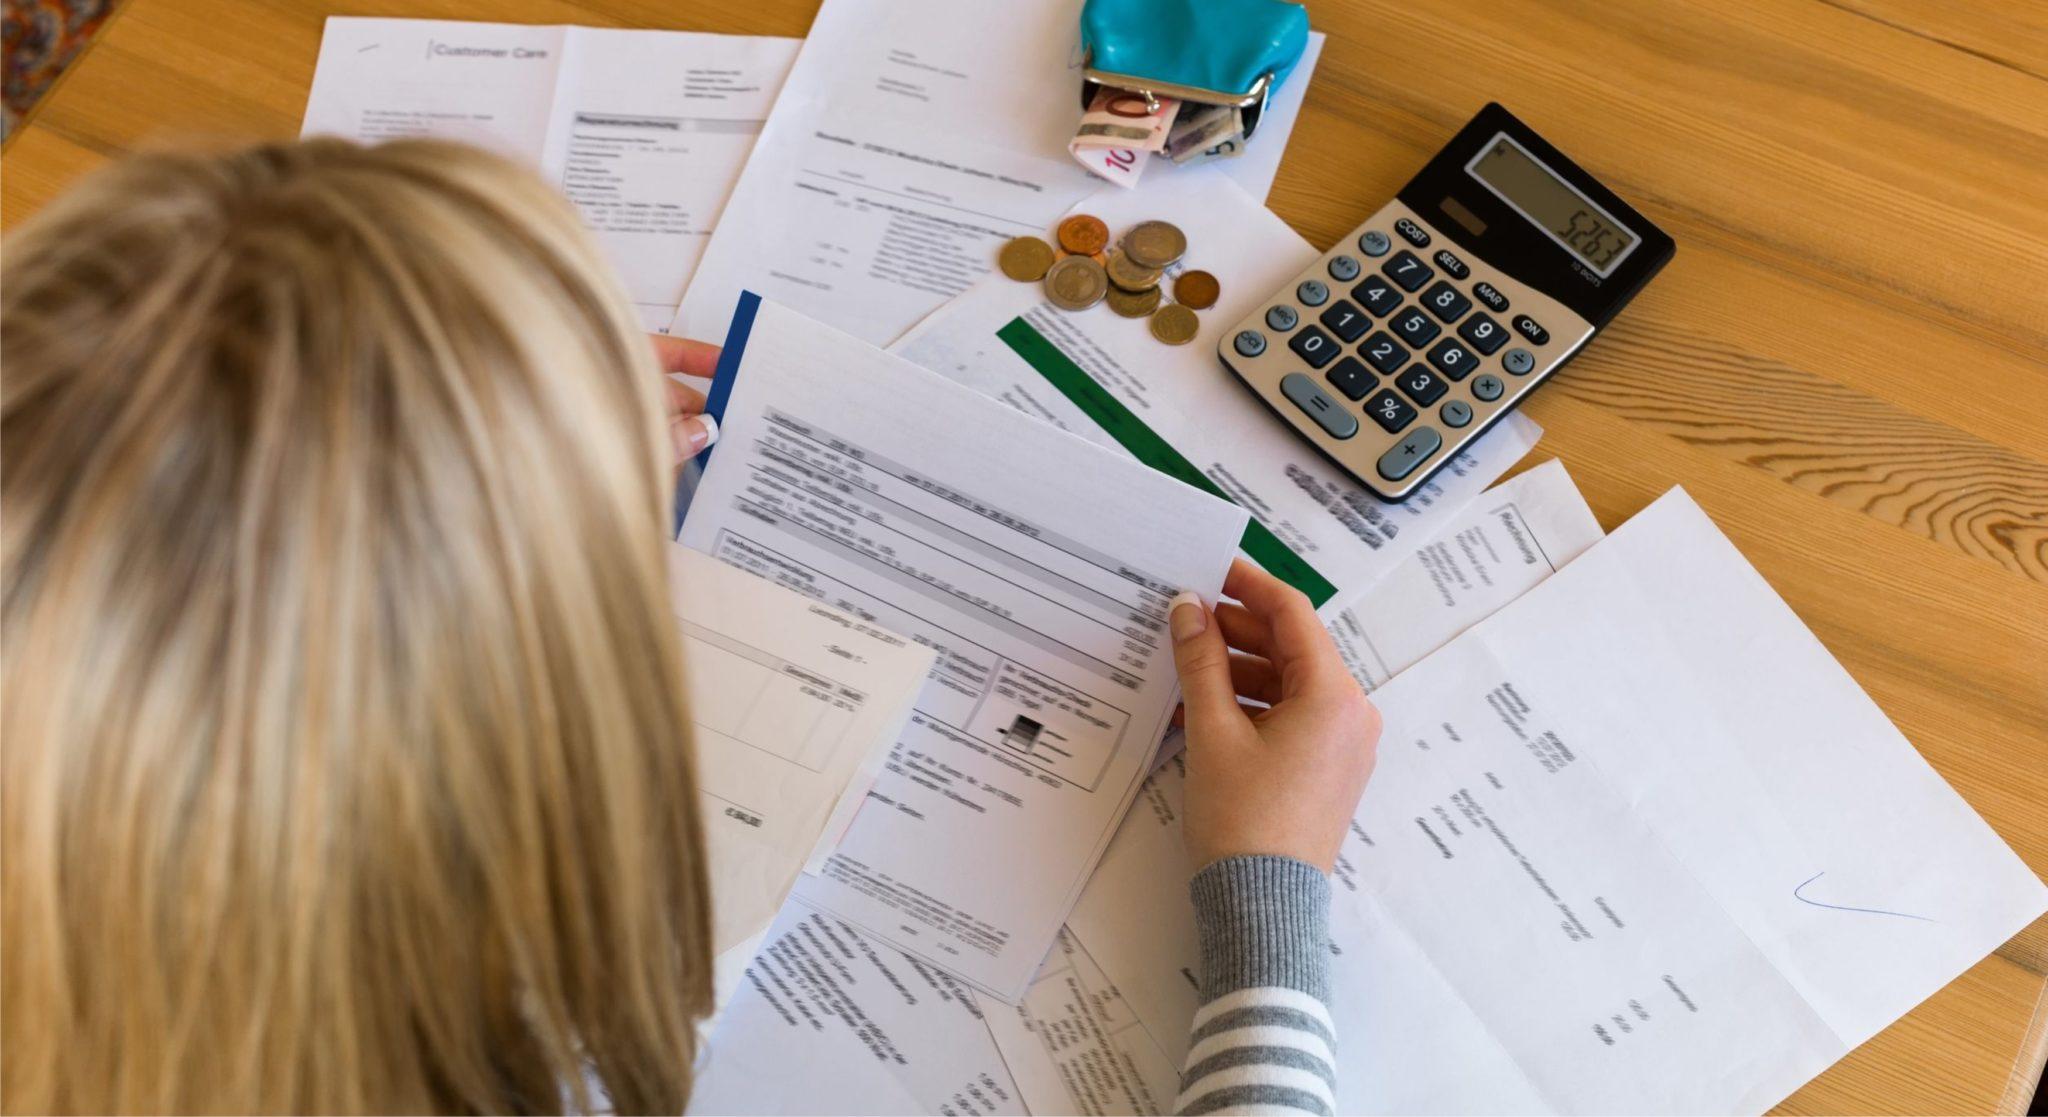 От каких налогов освобождаются российские пенсионеры в 2018 году?